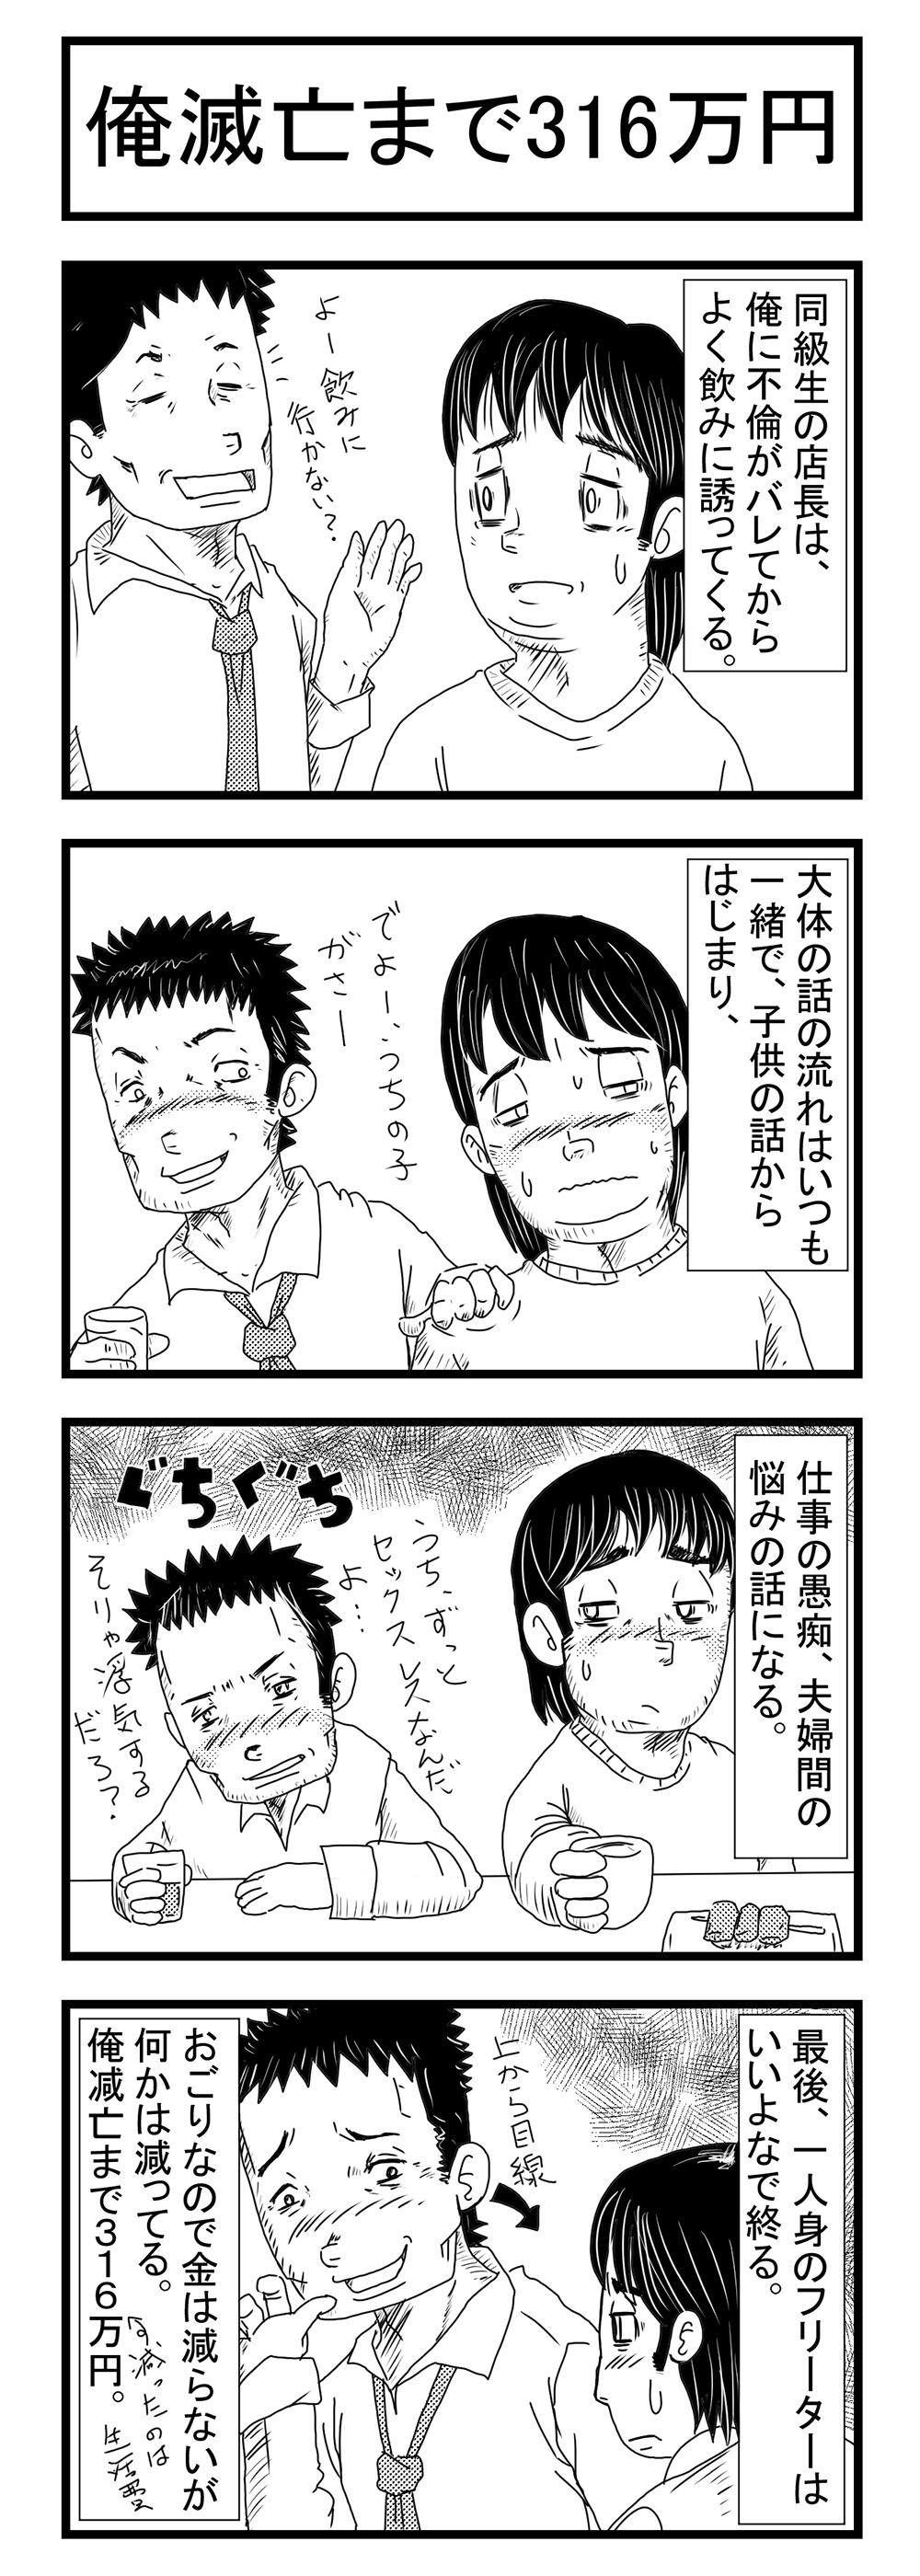 4コマ漫画「俺滅亡まで316万円」その8(Raytrektabで描く漫画)#4コマ漫画 #Raytrektab #お金 #不安